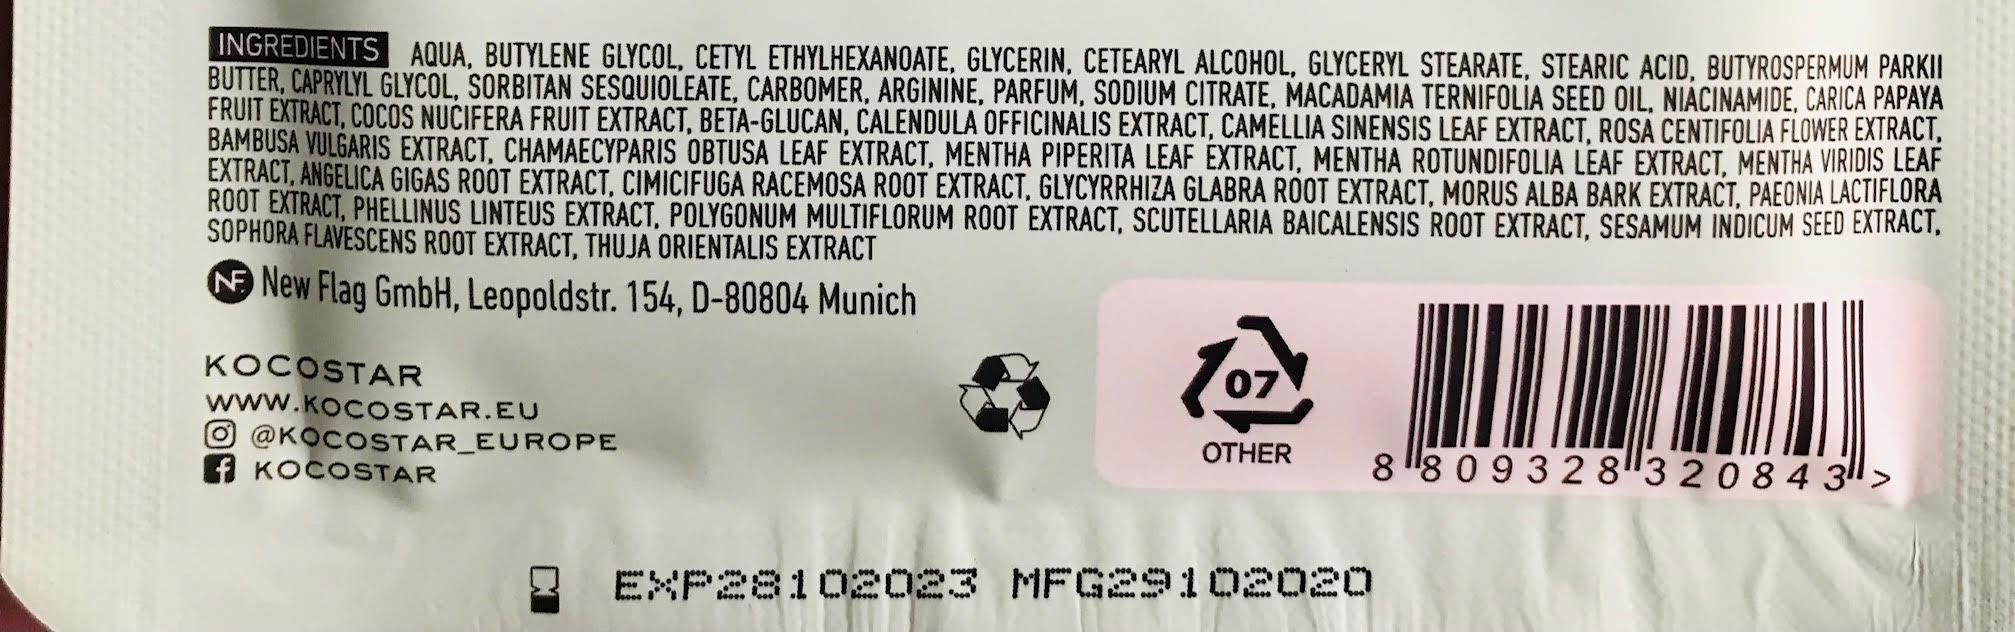 ingredienten kocostar voetmasker